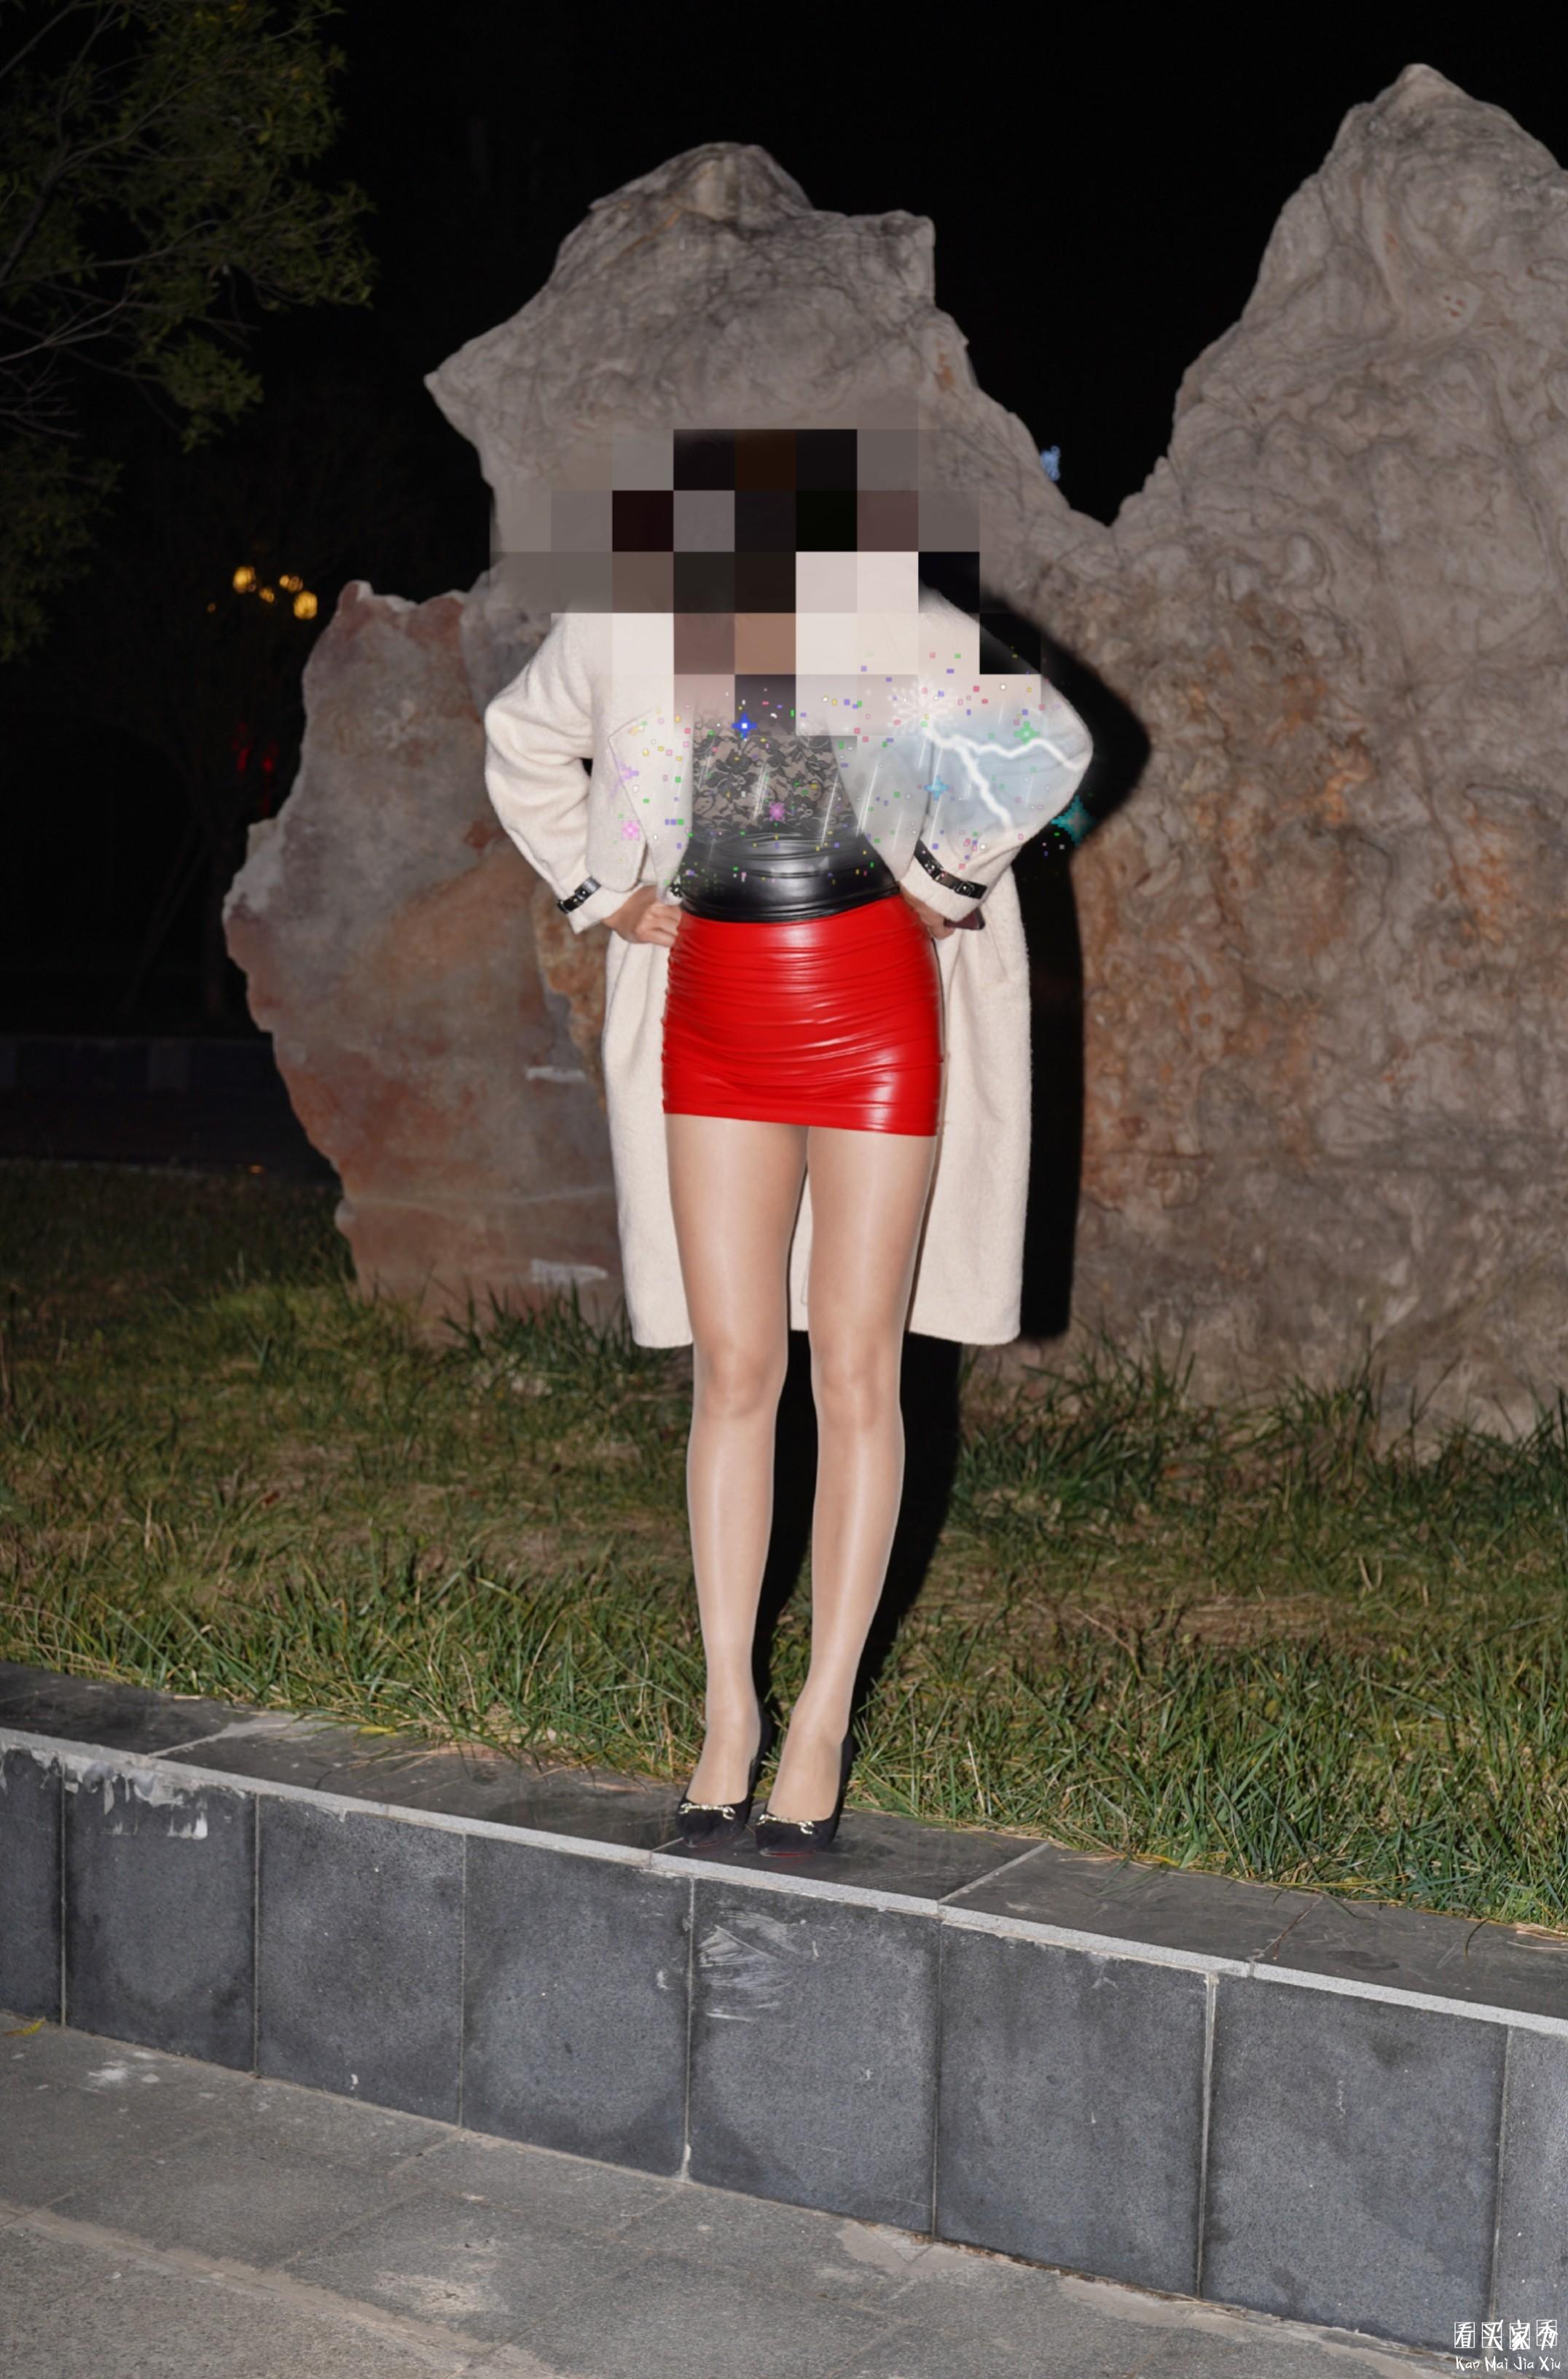 性感蕾丝透视pu皮拼接连衣裙买家秀,这样穿搭应验了什么是反差婊